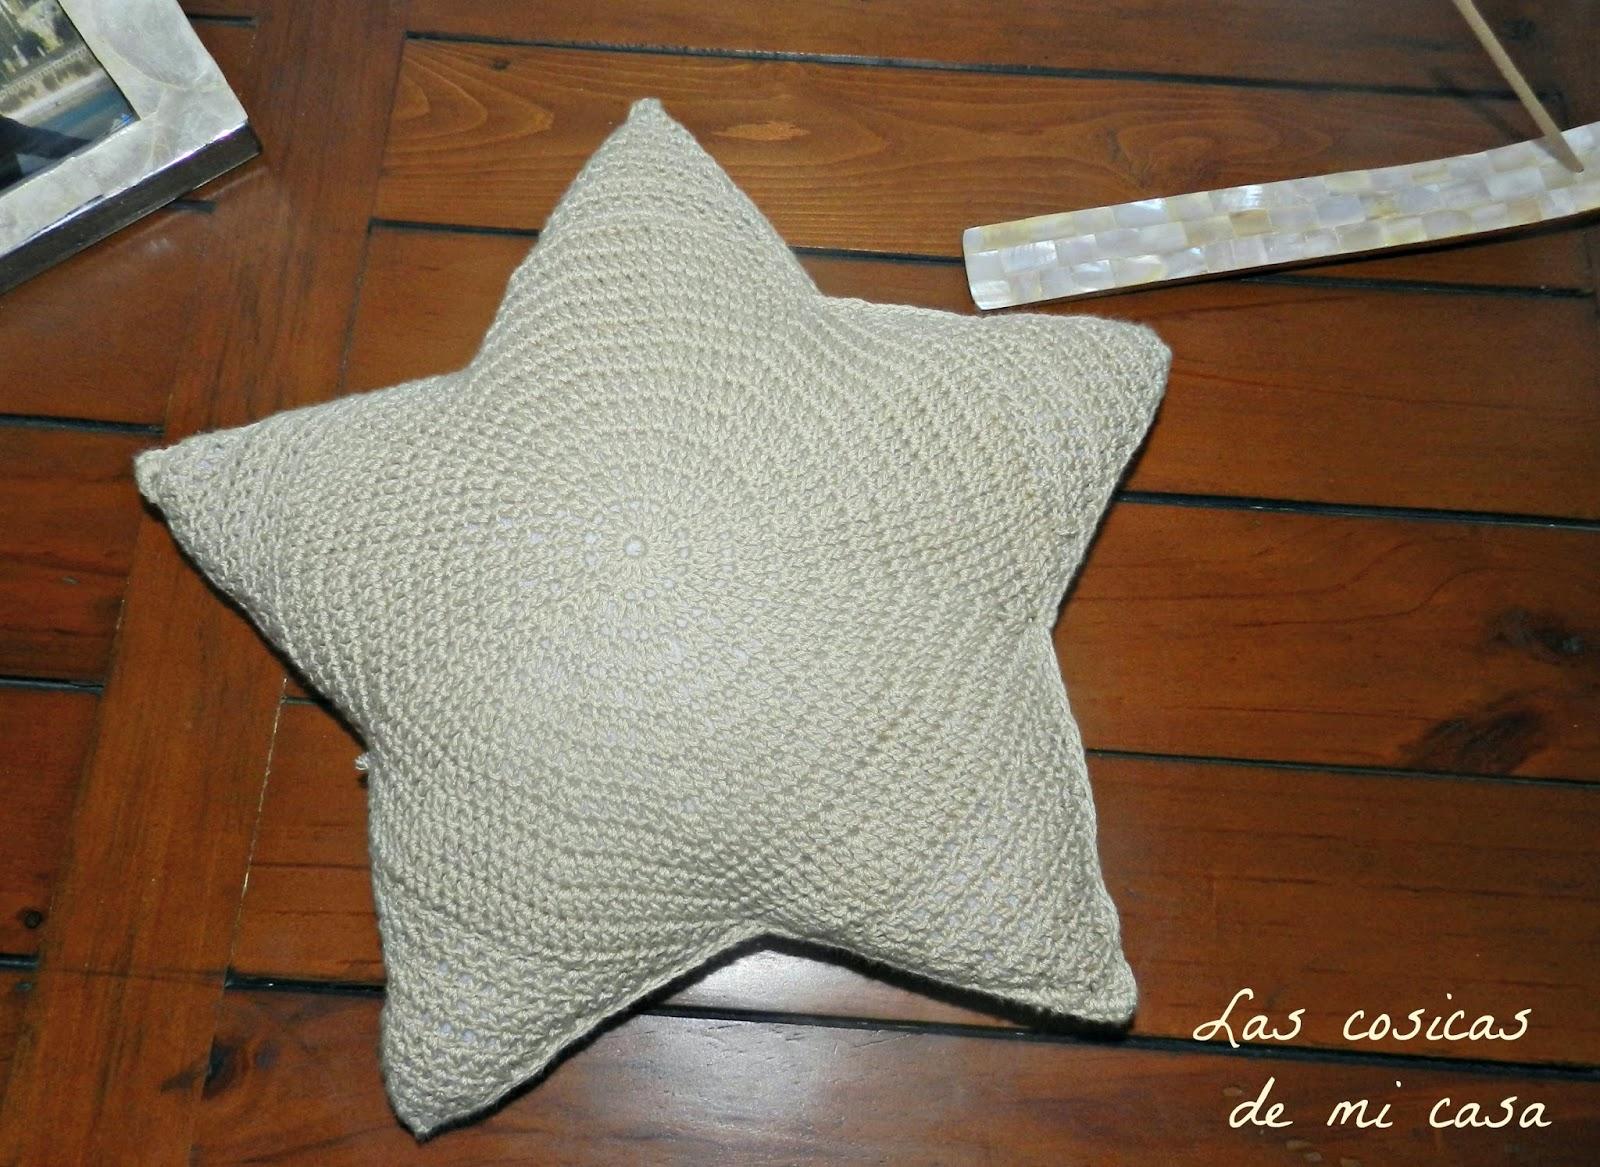 Las cosicas de mi casa: Cojín crochet estrella